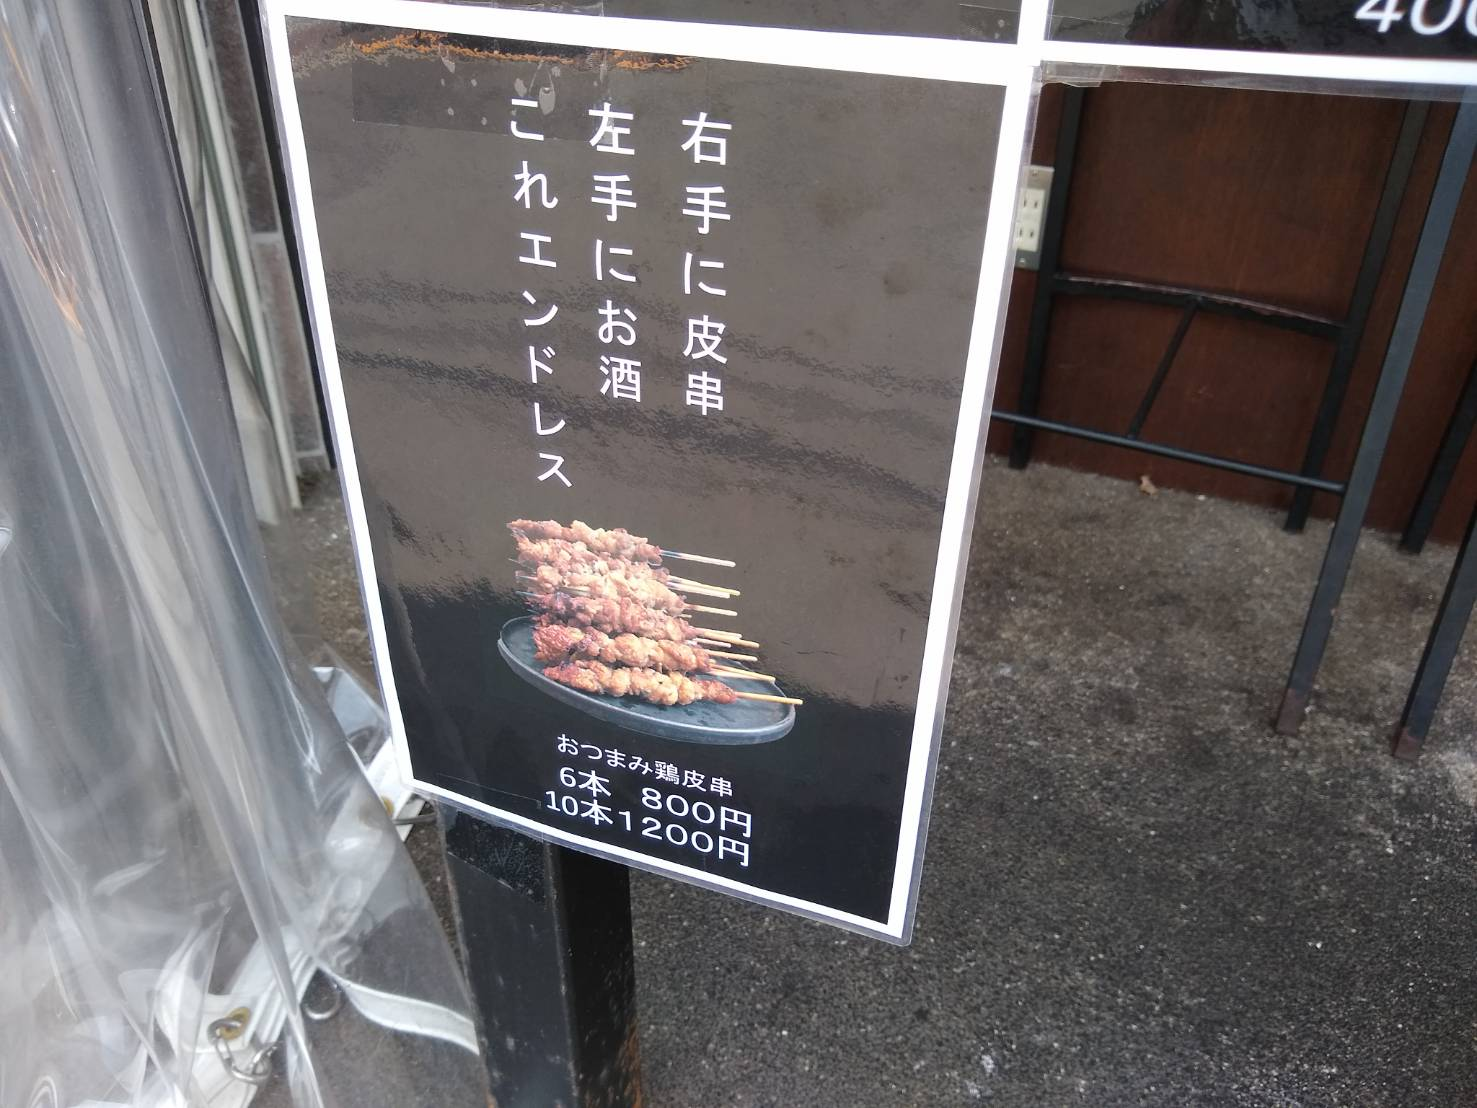 うっとり綱島店テイクアウトメニュー